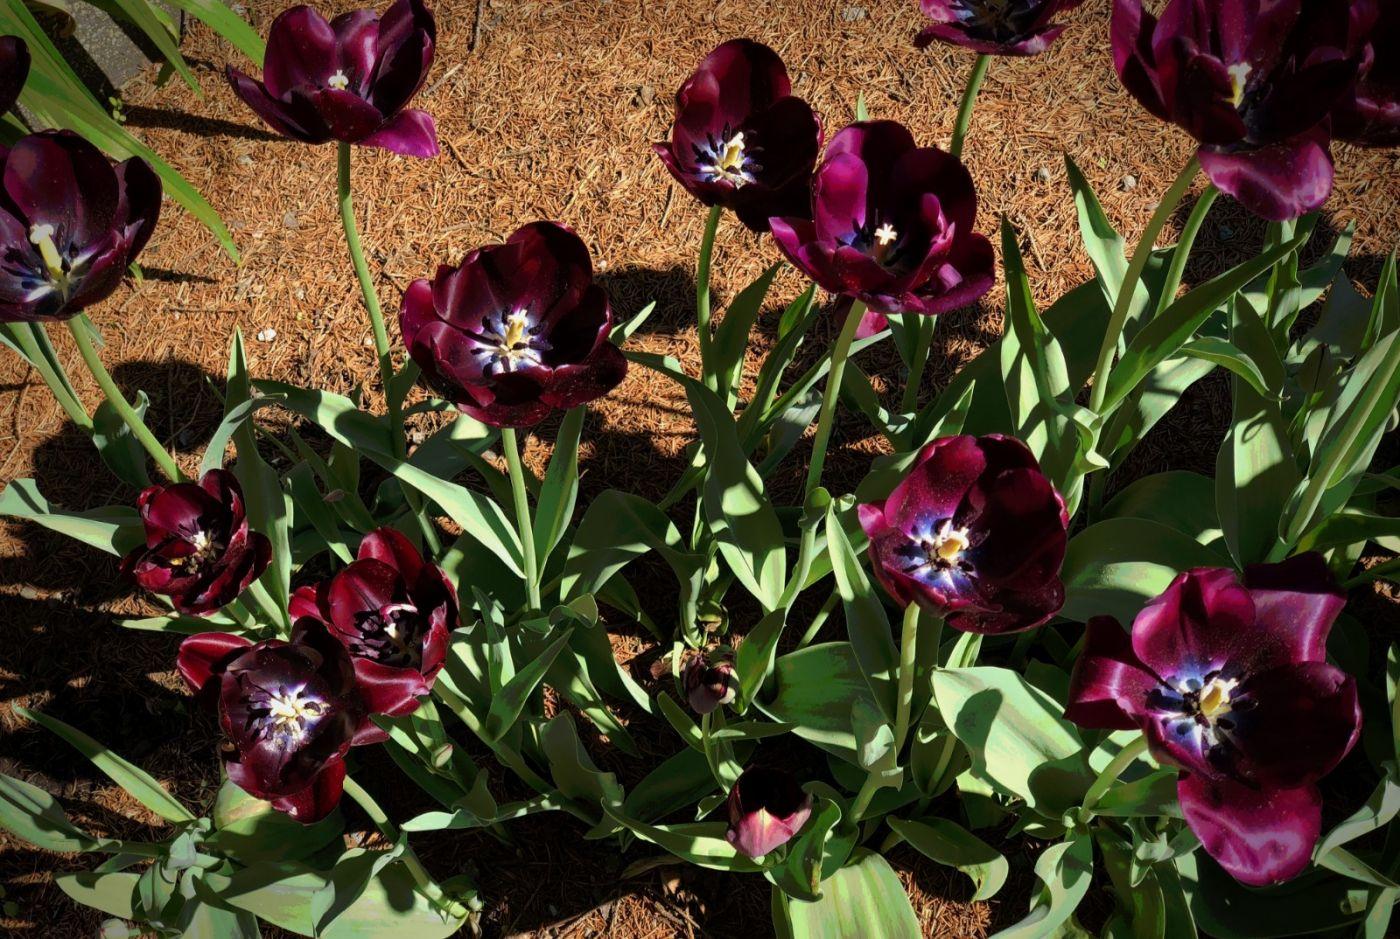 【田螺手机摄影】我后院的紫金香也全部开了_图1-6